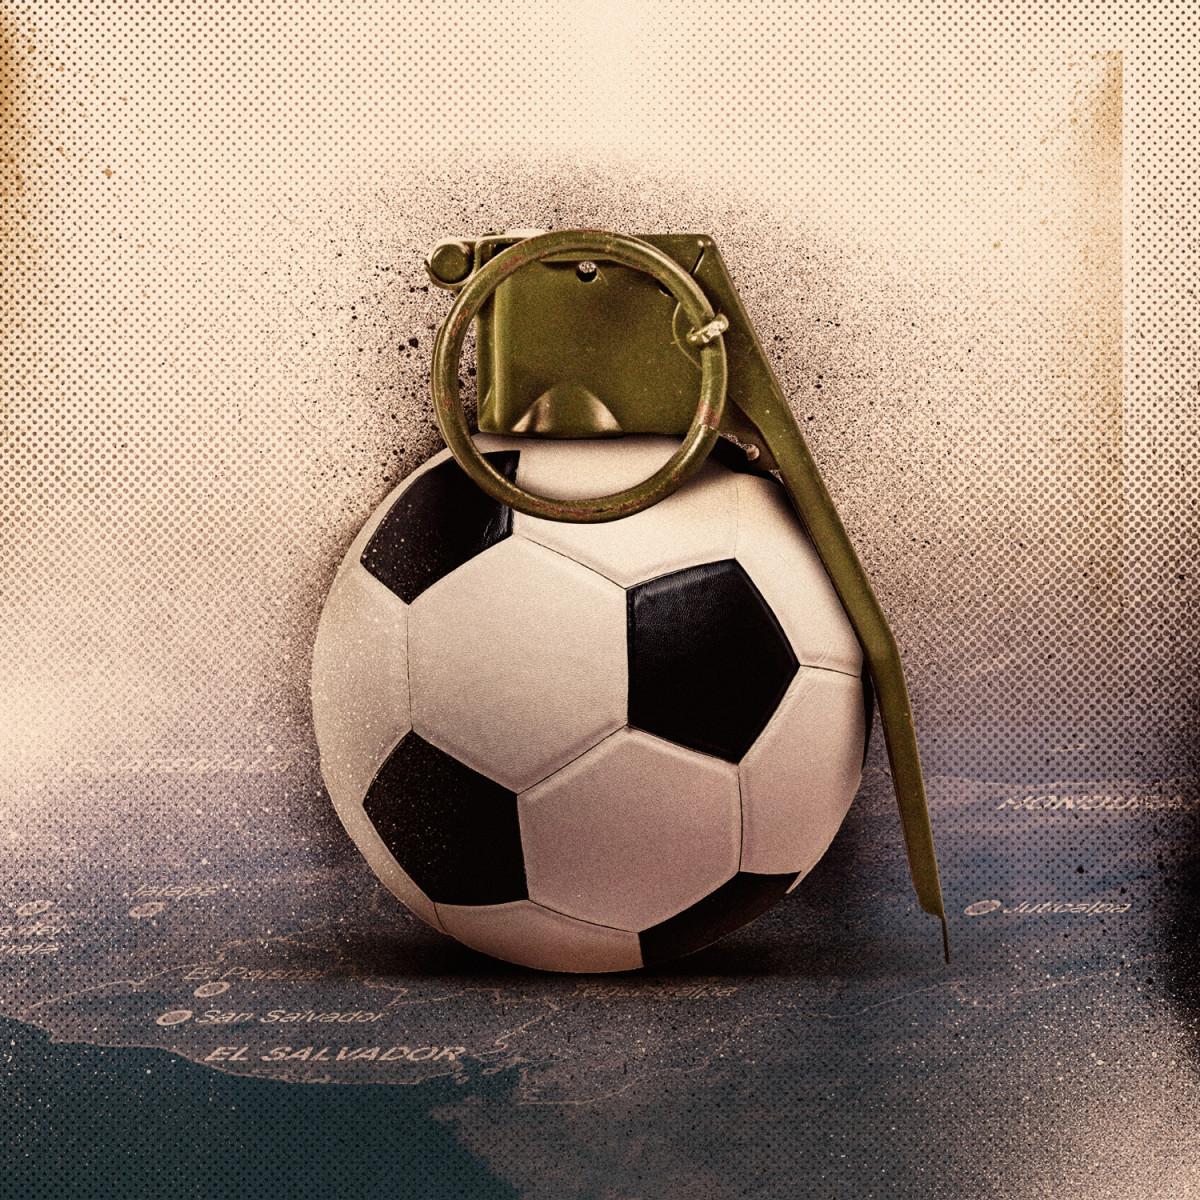 soccer-war-grenade.jpg